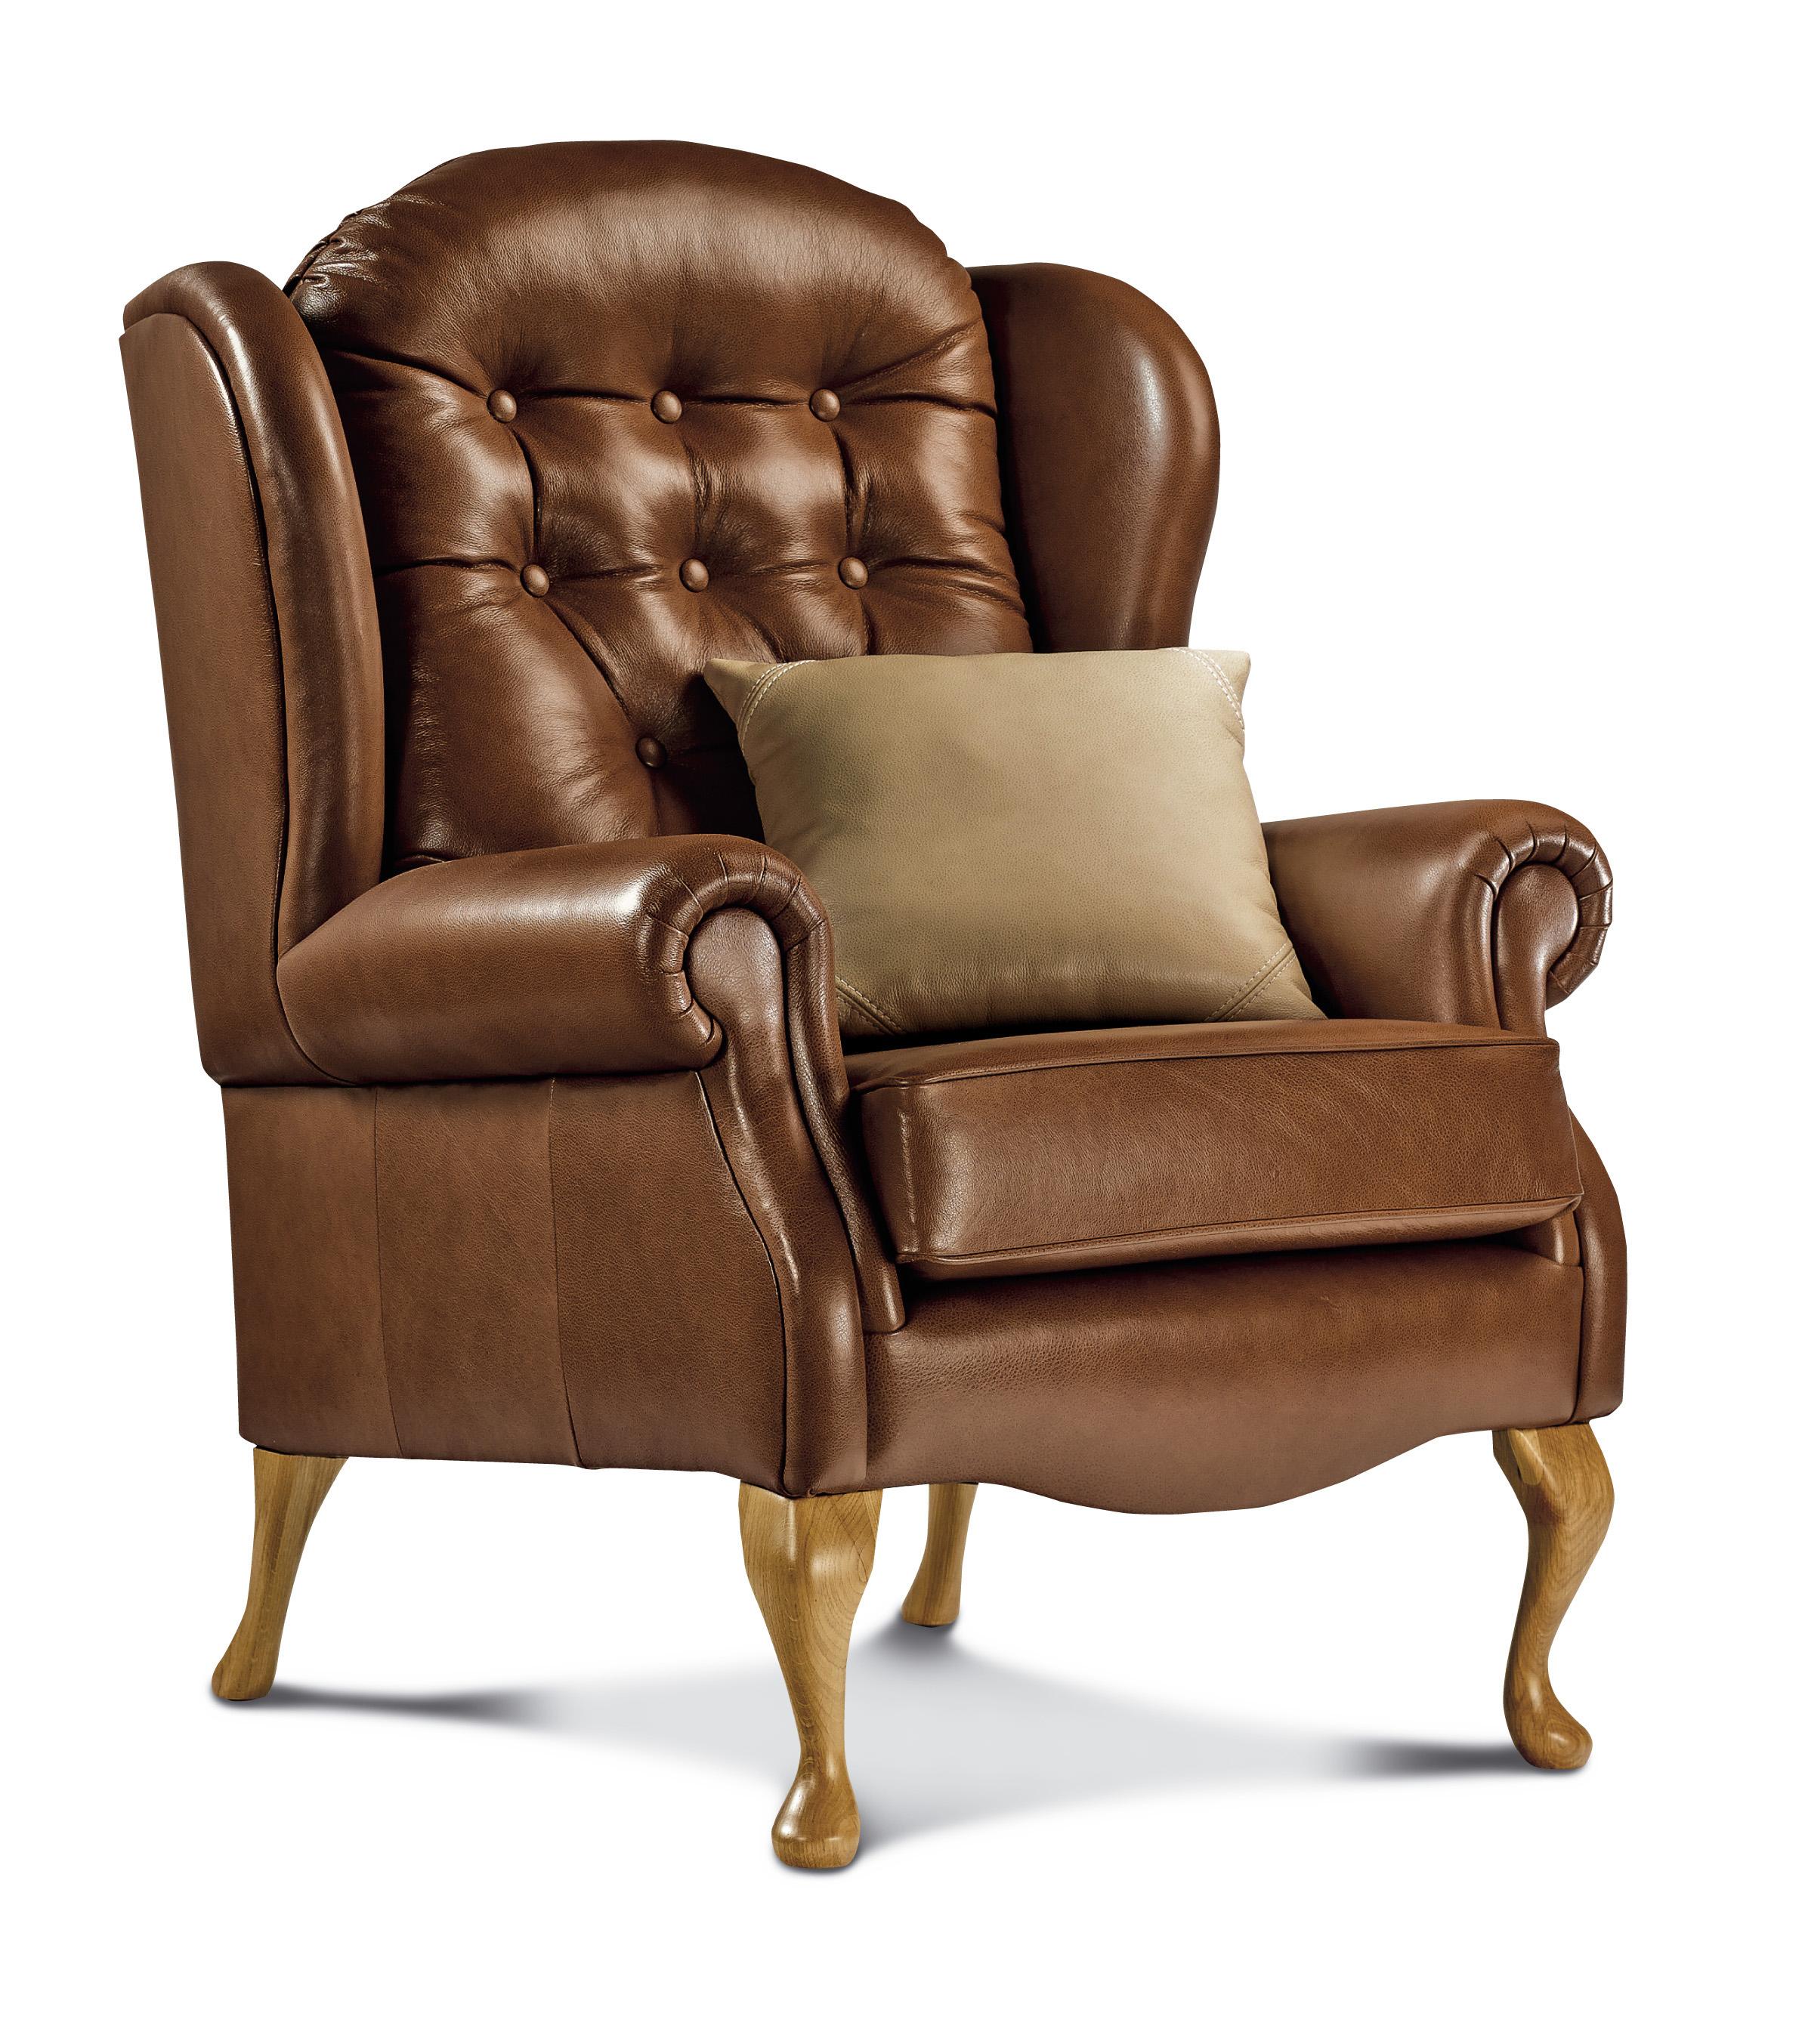 Lynton Standard Leather Fireside Chair Sherborne Upholstery